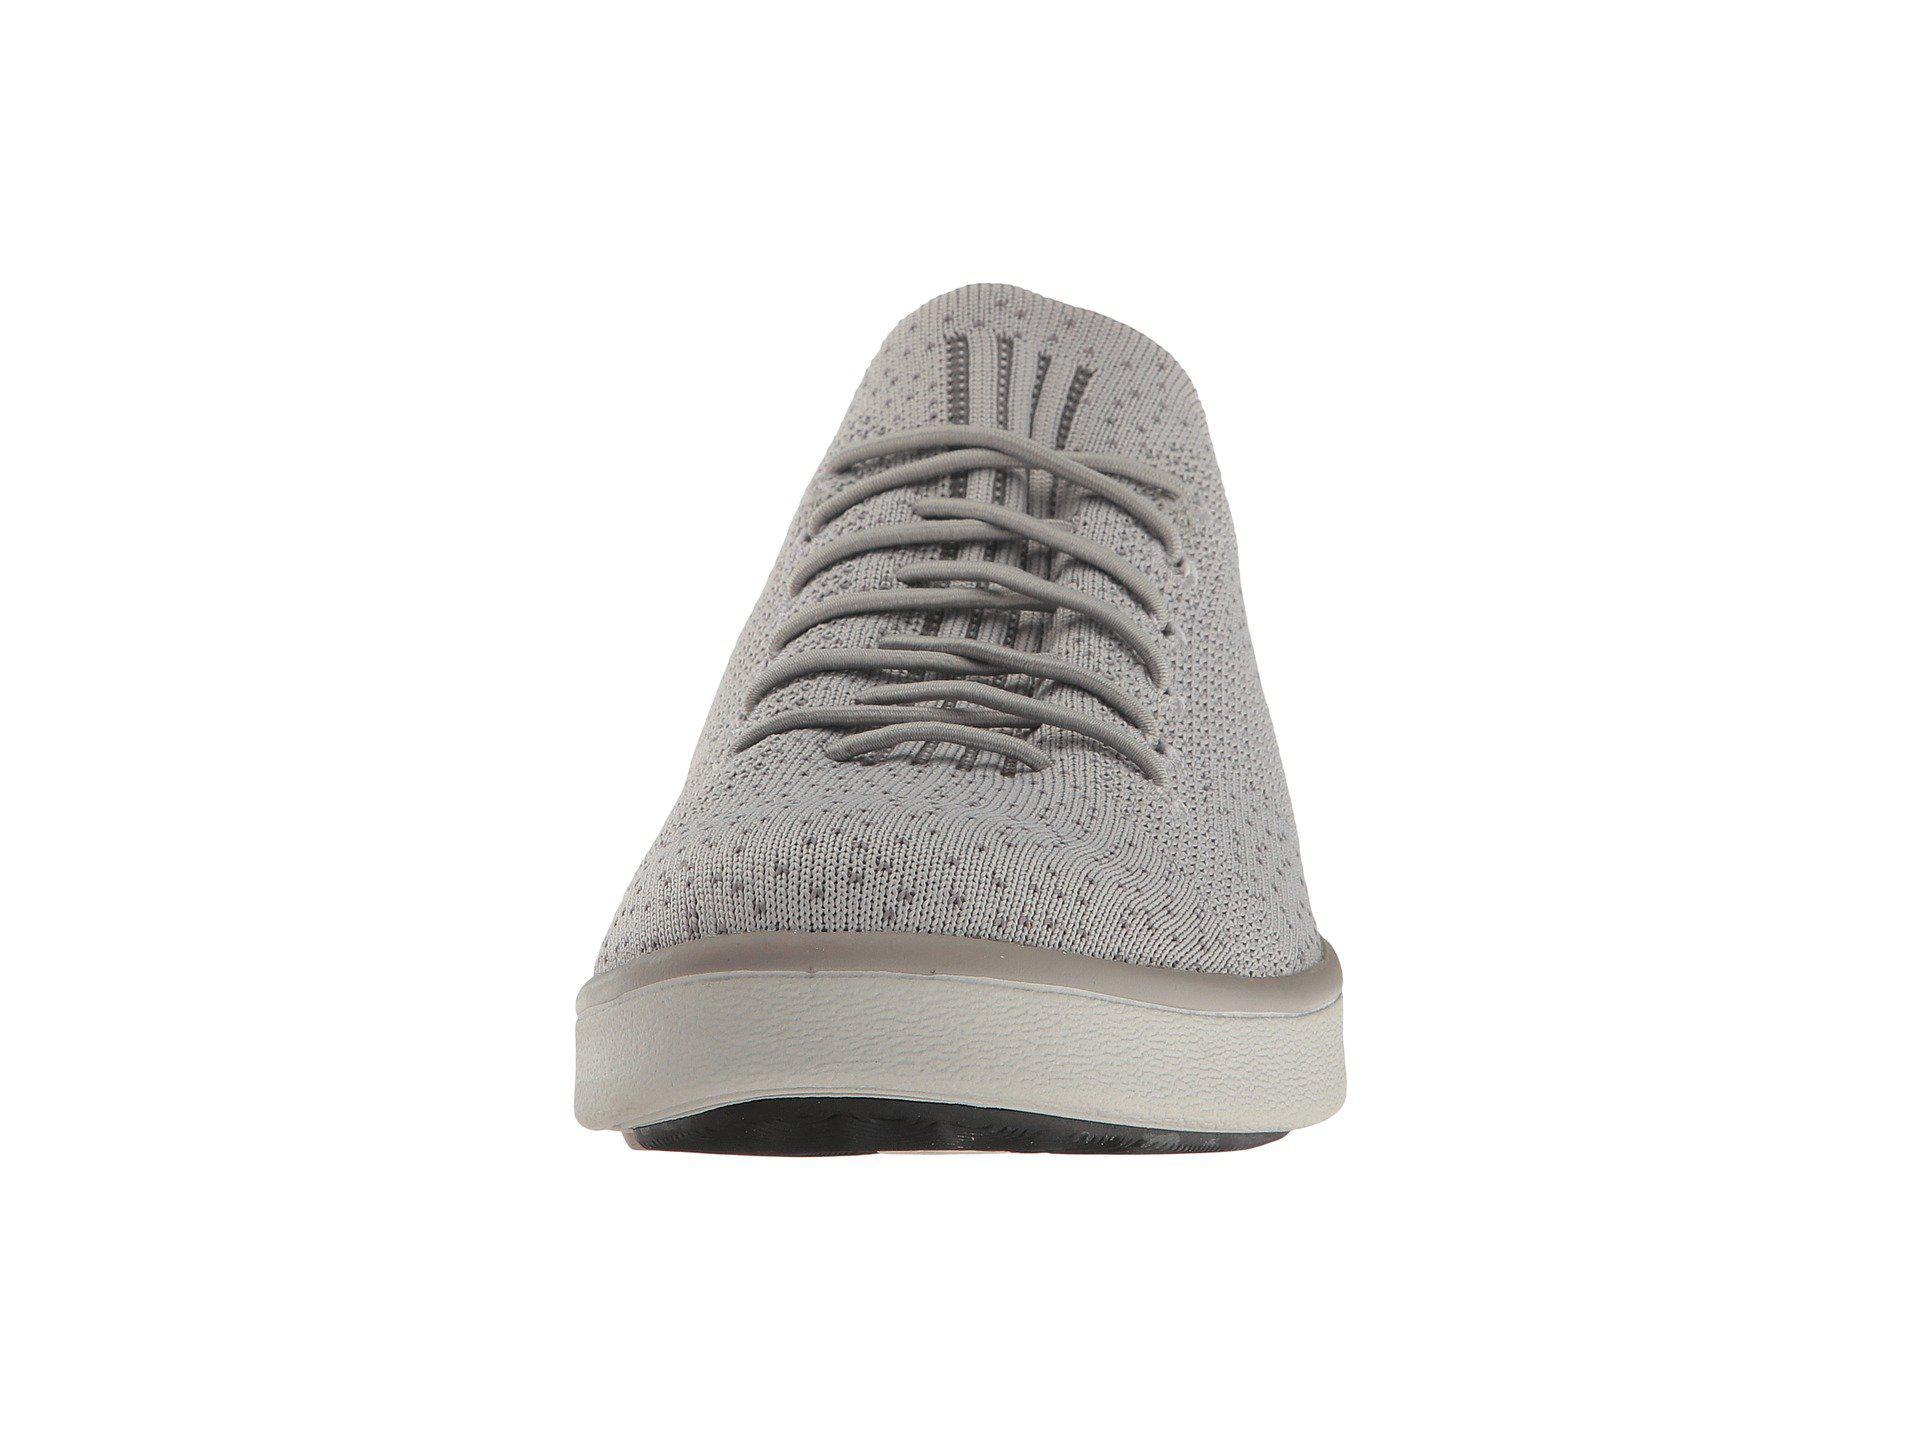 8f4909838d2b Lyst - Skechers Classic Fit Boyar - Molsen in Gray for Men